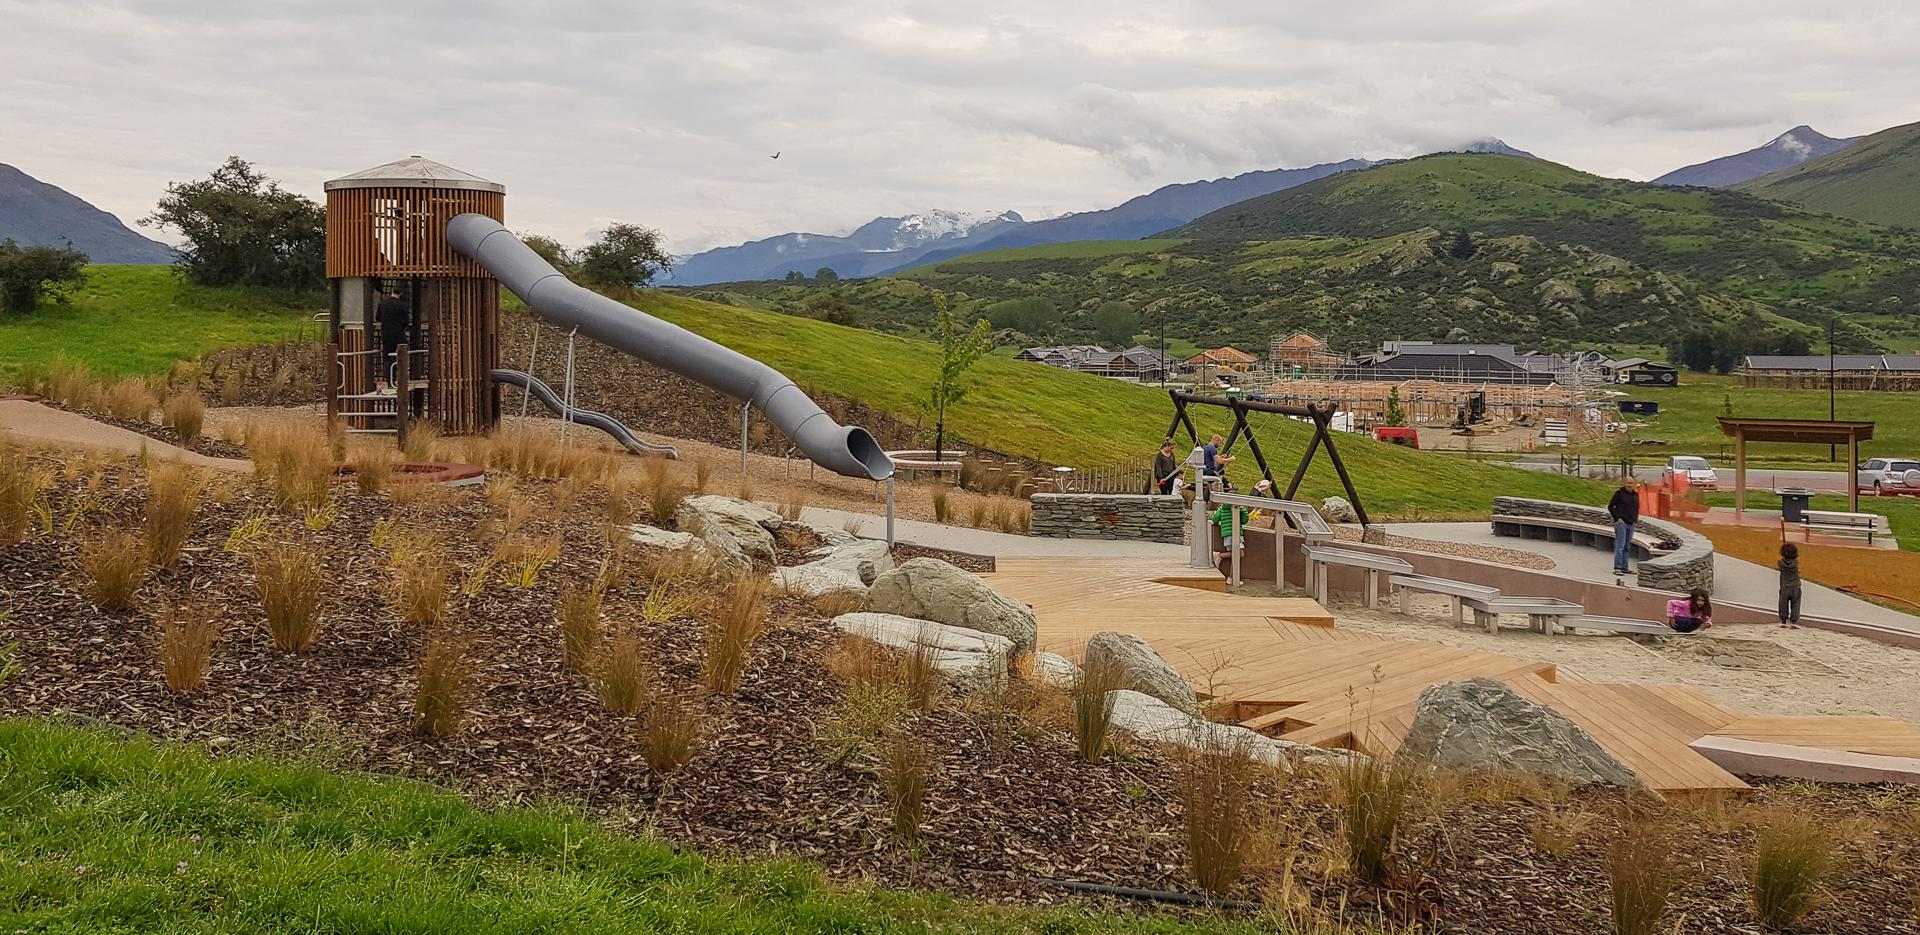 Hanleys-Farm-Playground-Queenstown